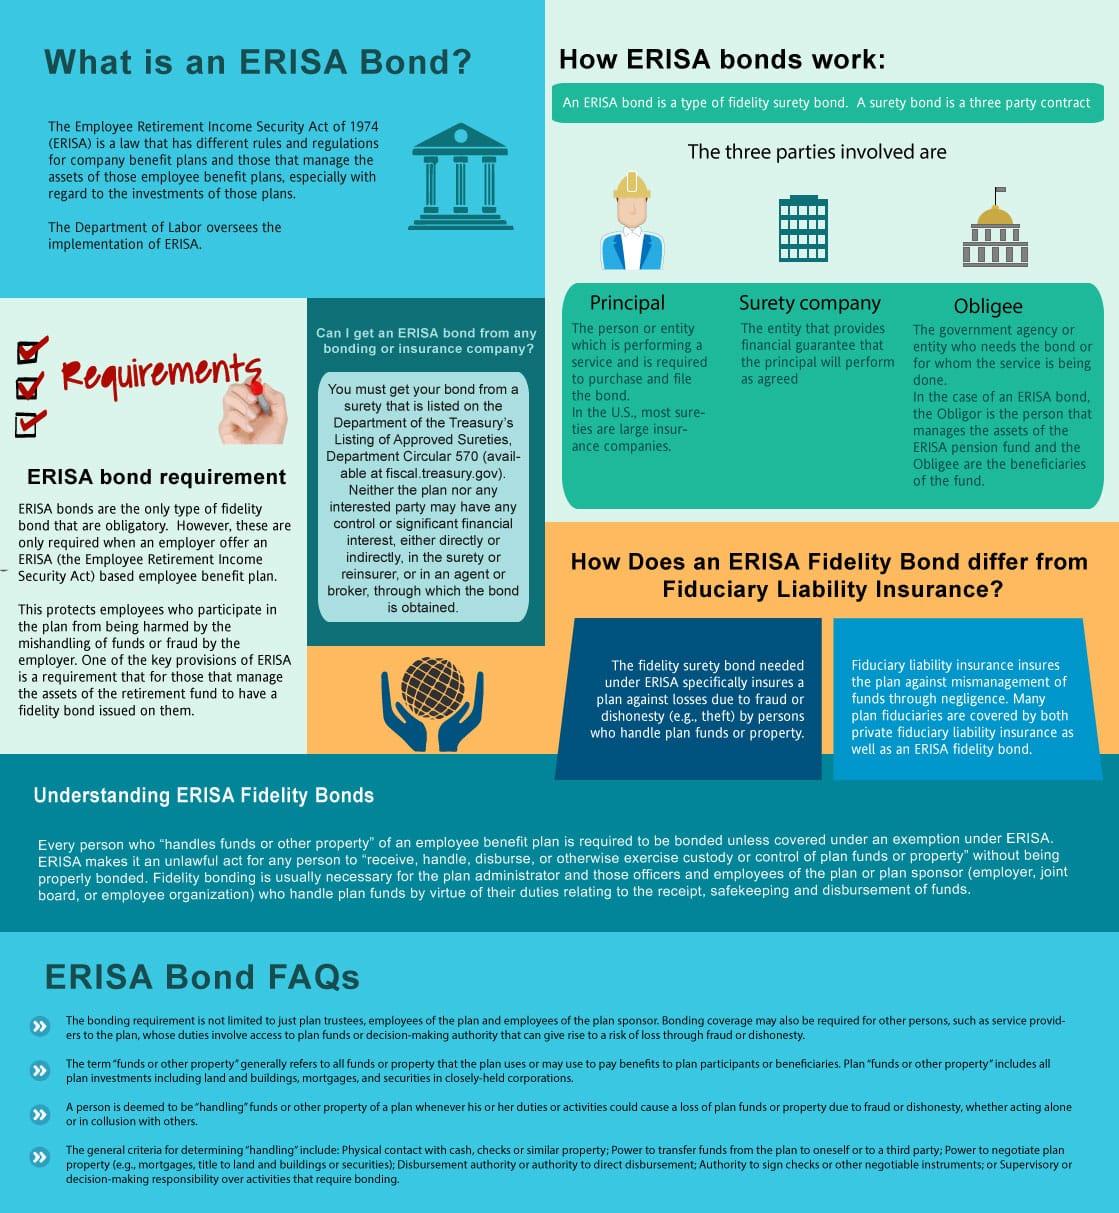 ERISA Bonds